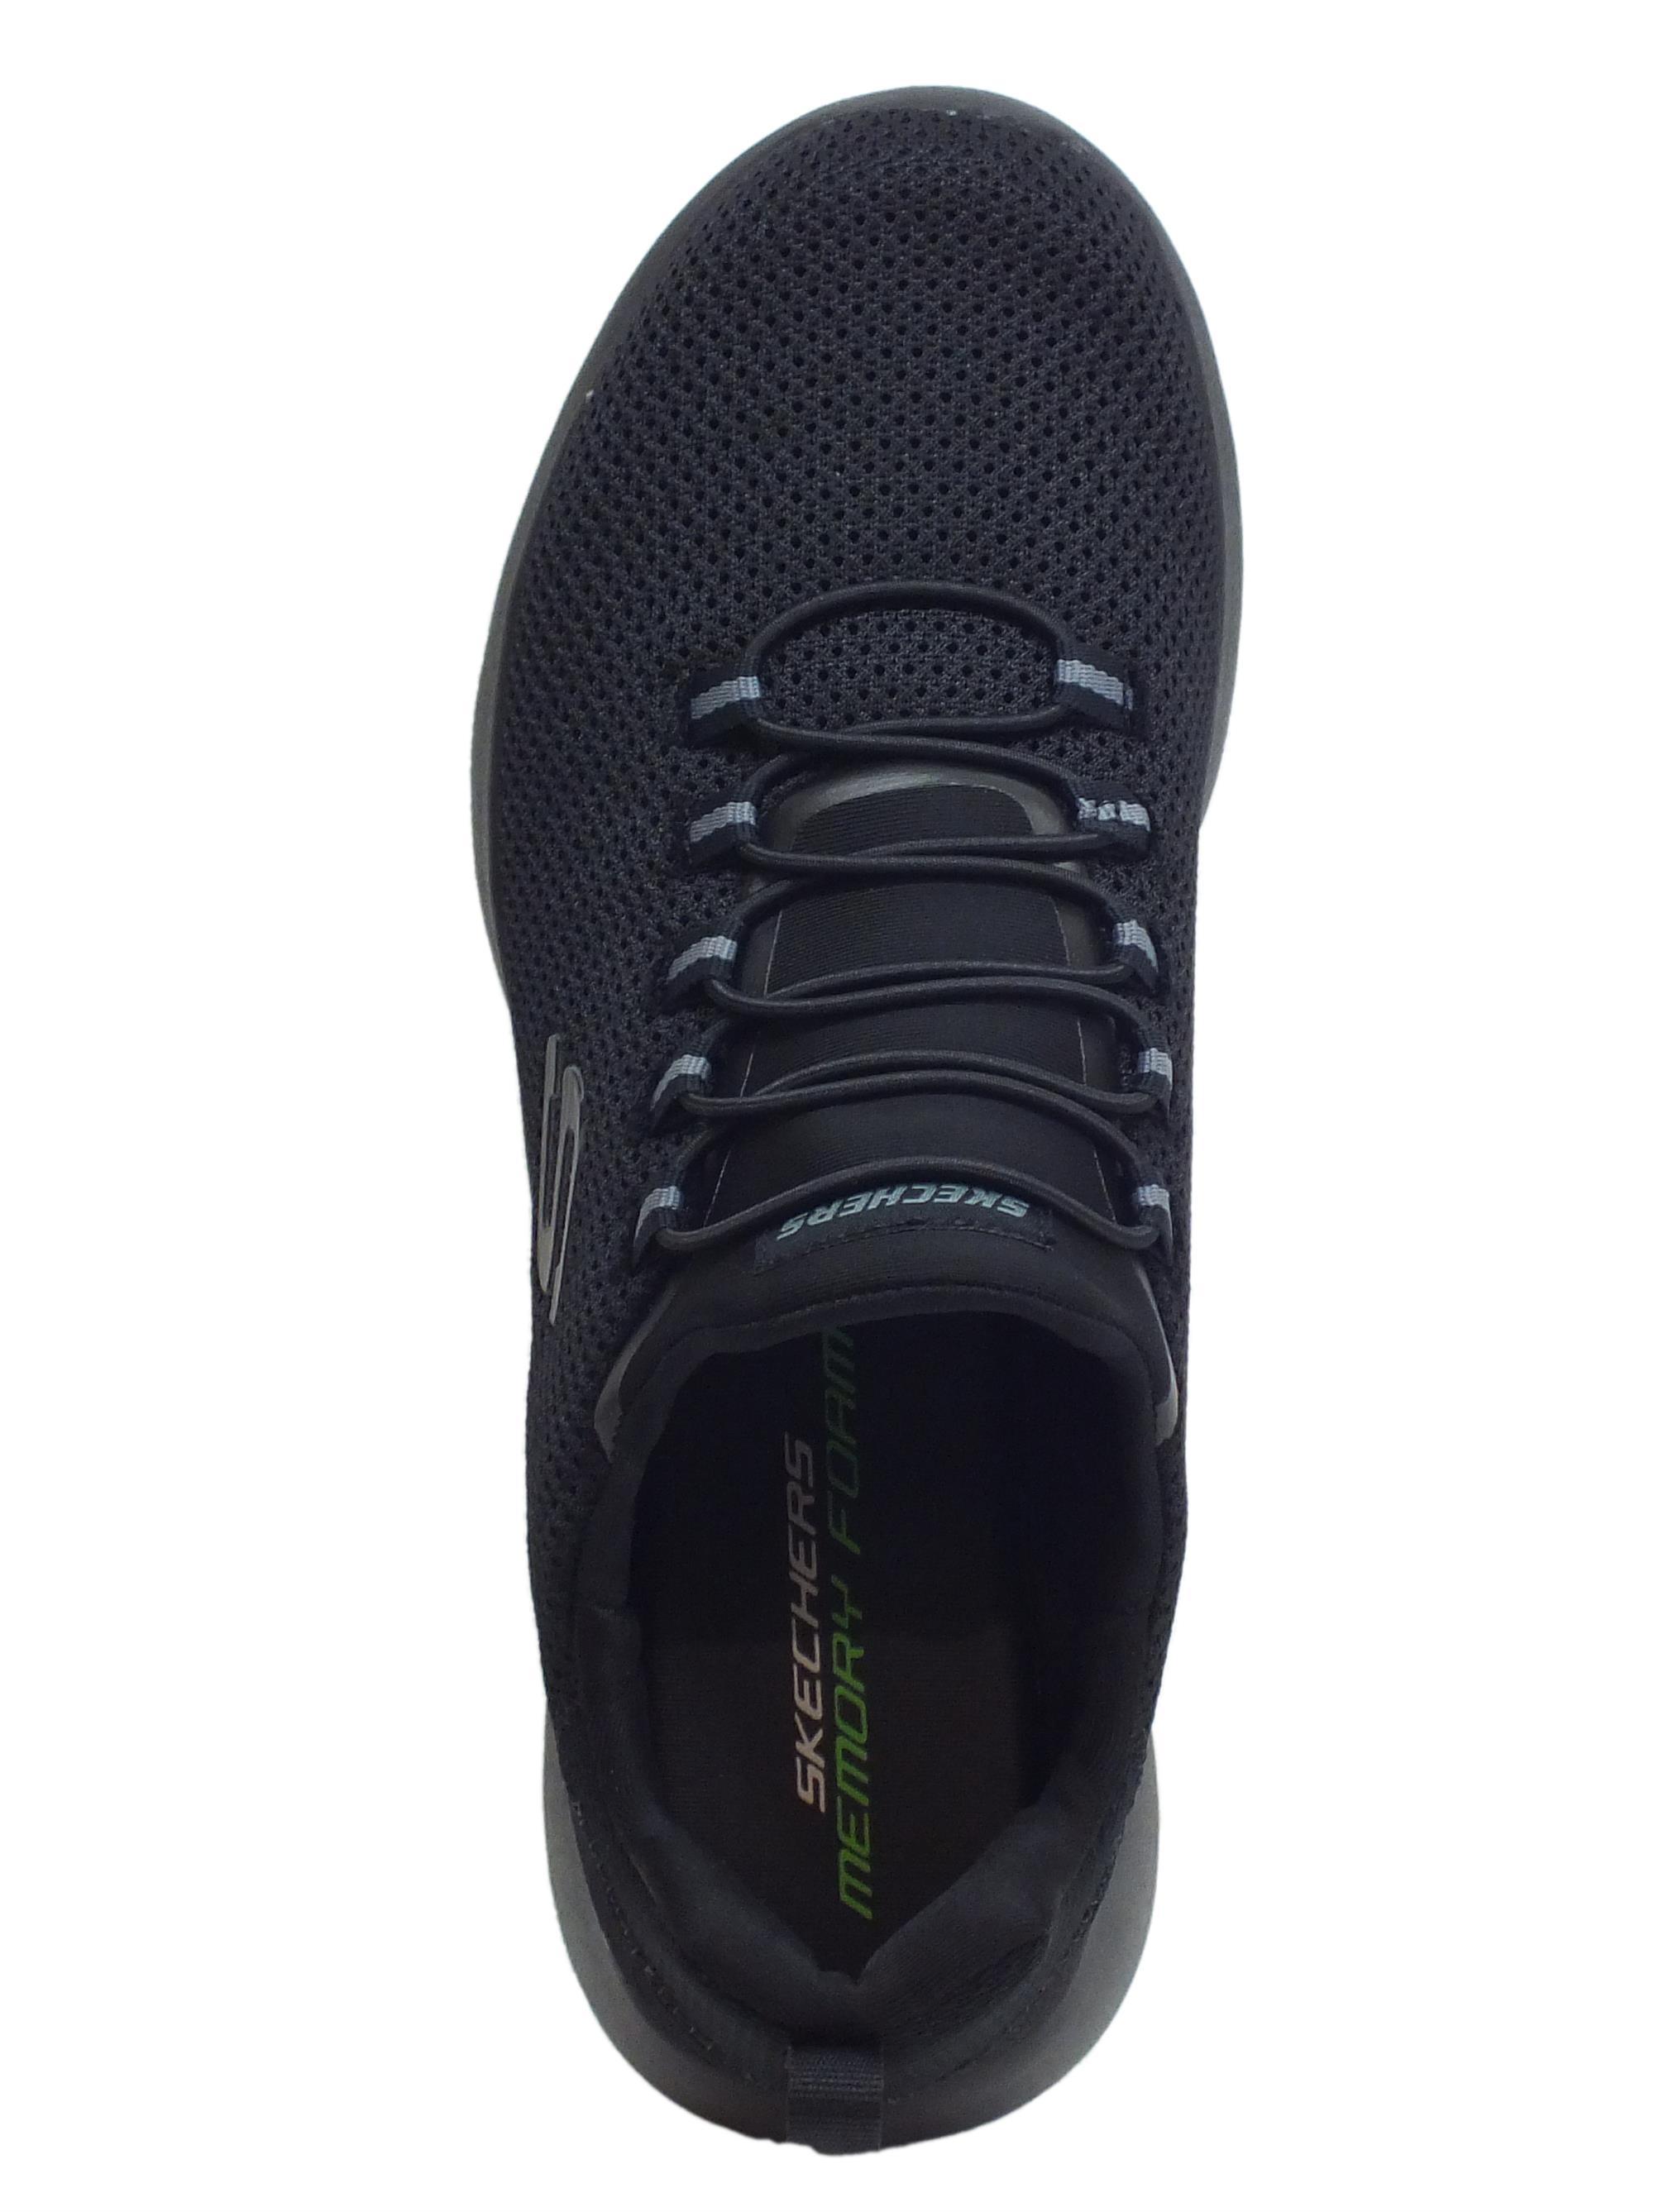 ... Scarpe Skechers Dynamight per uomo in tessuto nero con allaccio veloce 8dfef0b329a